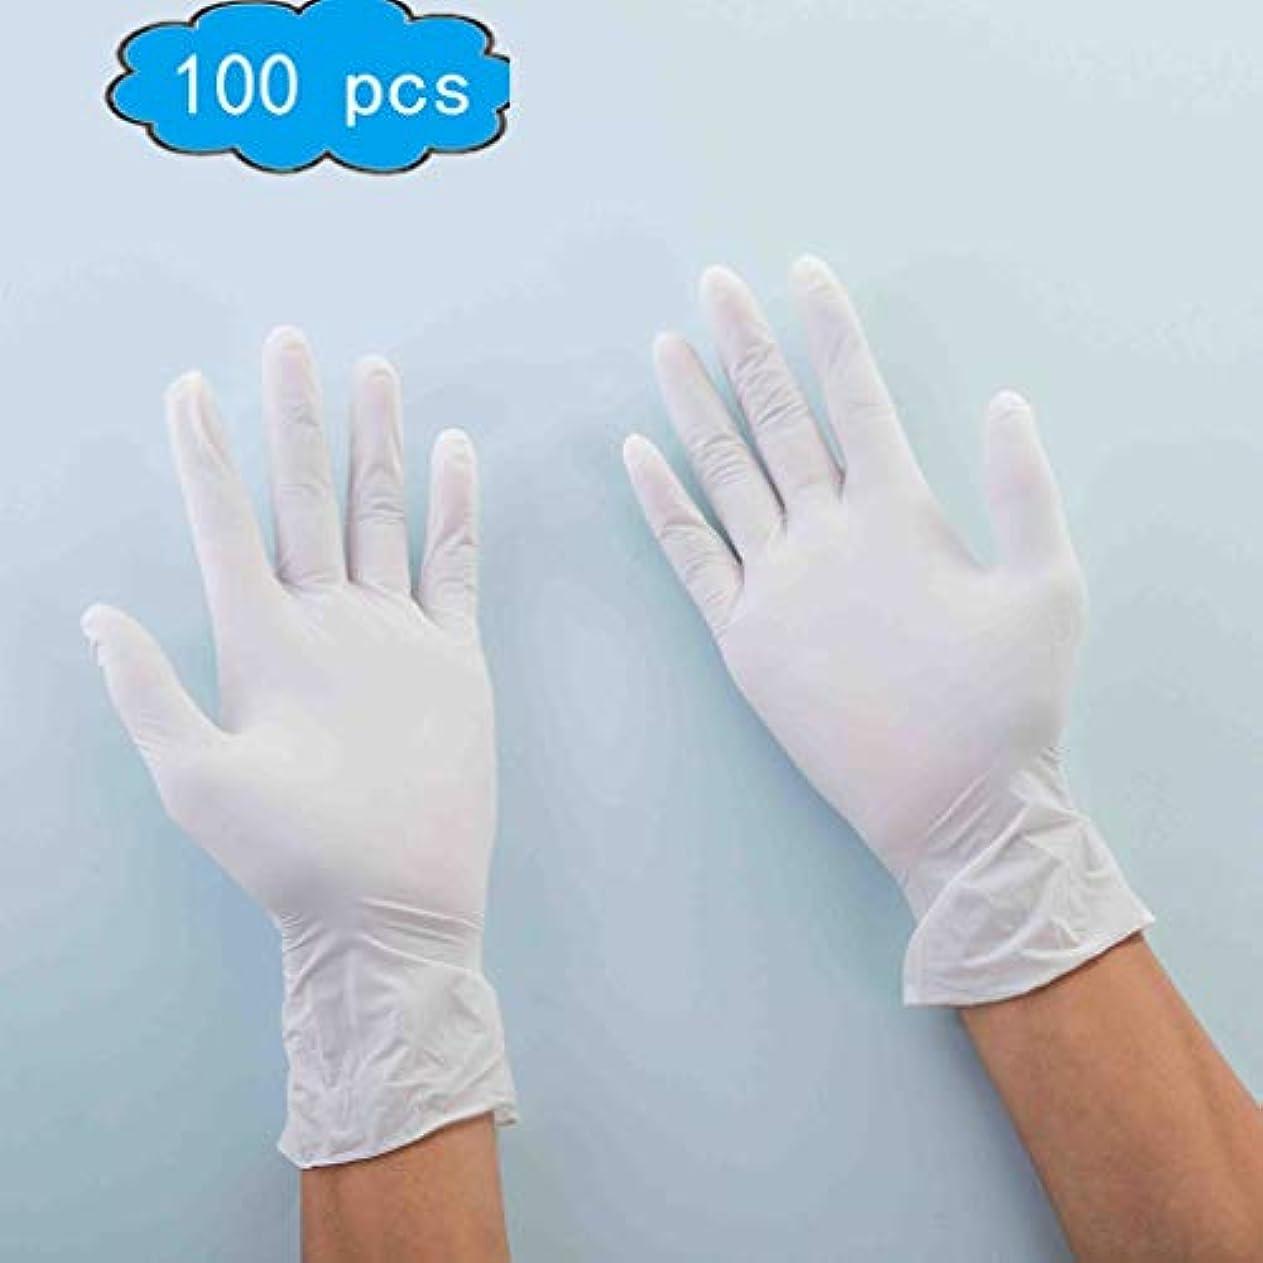 競う討論祝う使い捨て手袋 - 白、厚めのバージョン、ニトリル手袋、パウダーフリー、試験、無菌、中、100箱、手と腕の保護 (Color : White, Size : L)